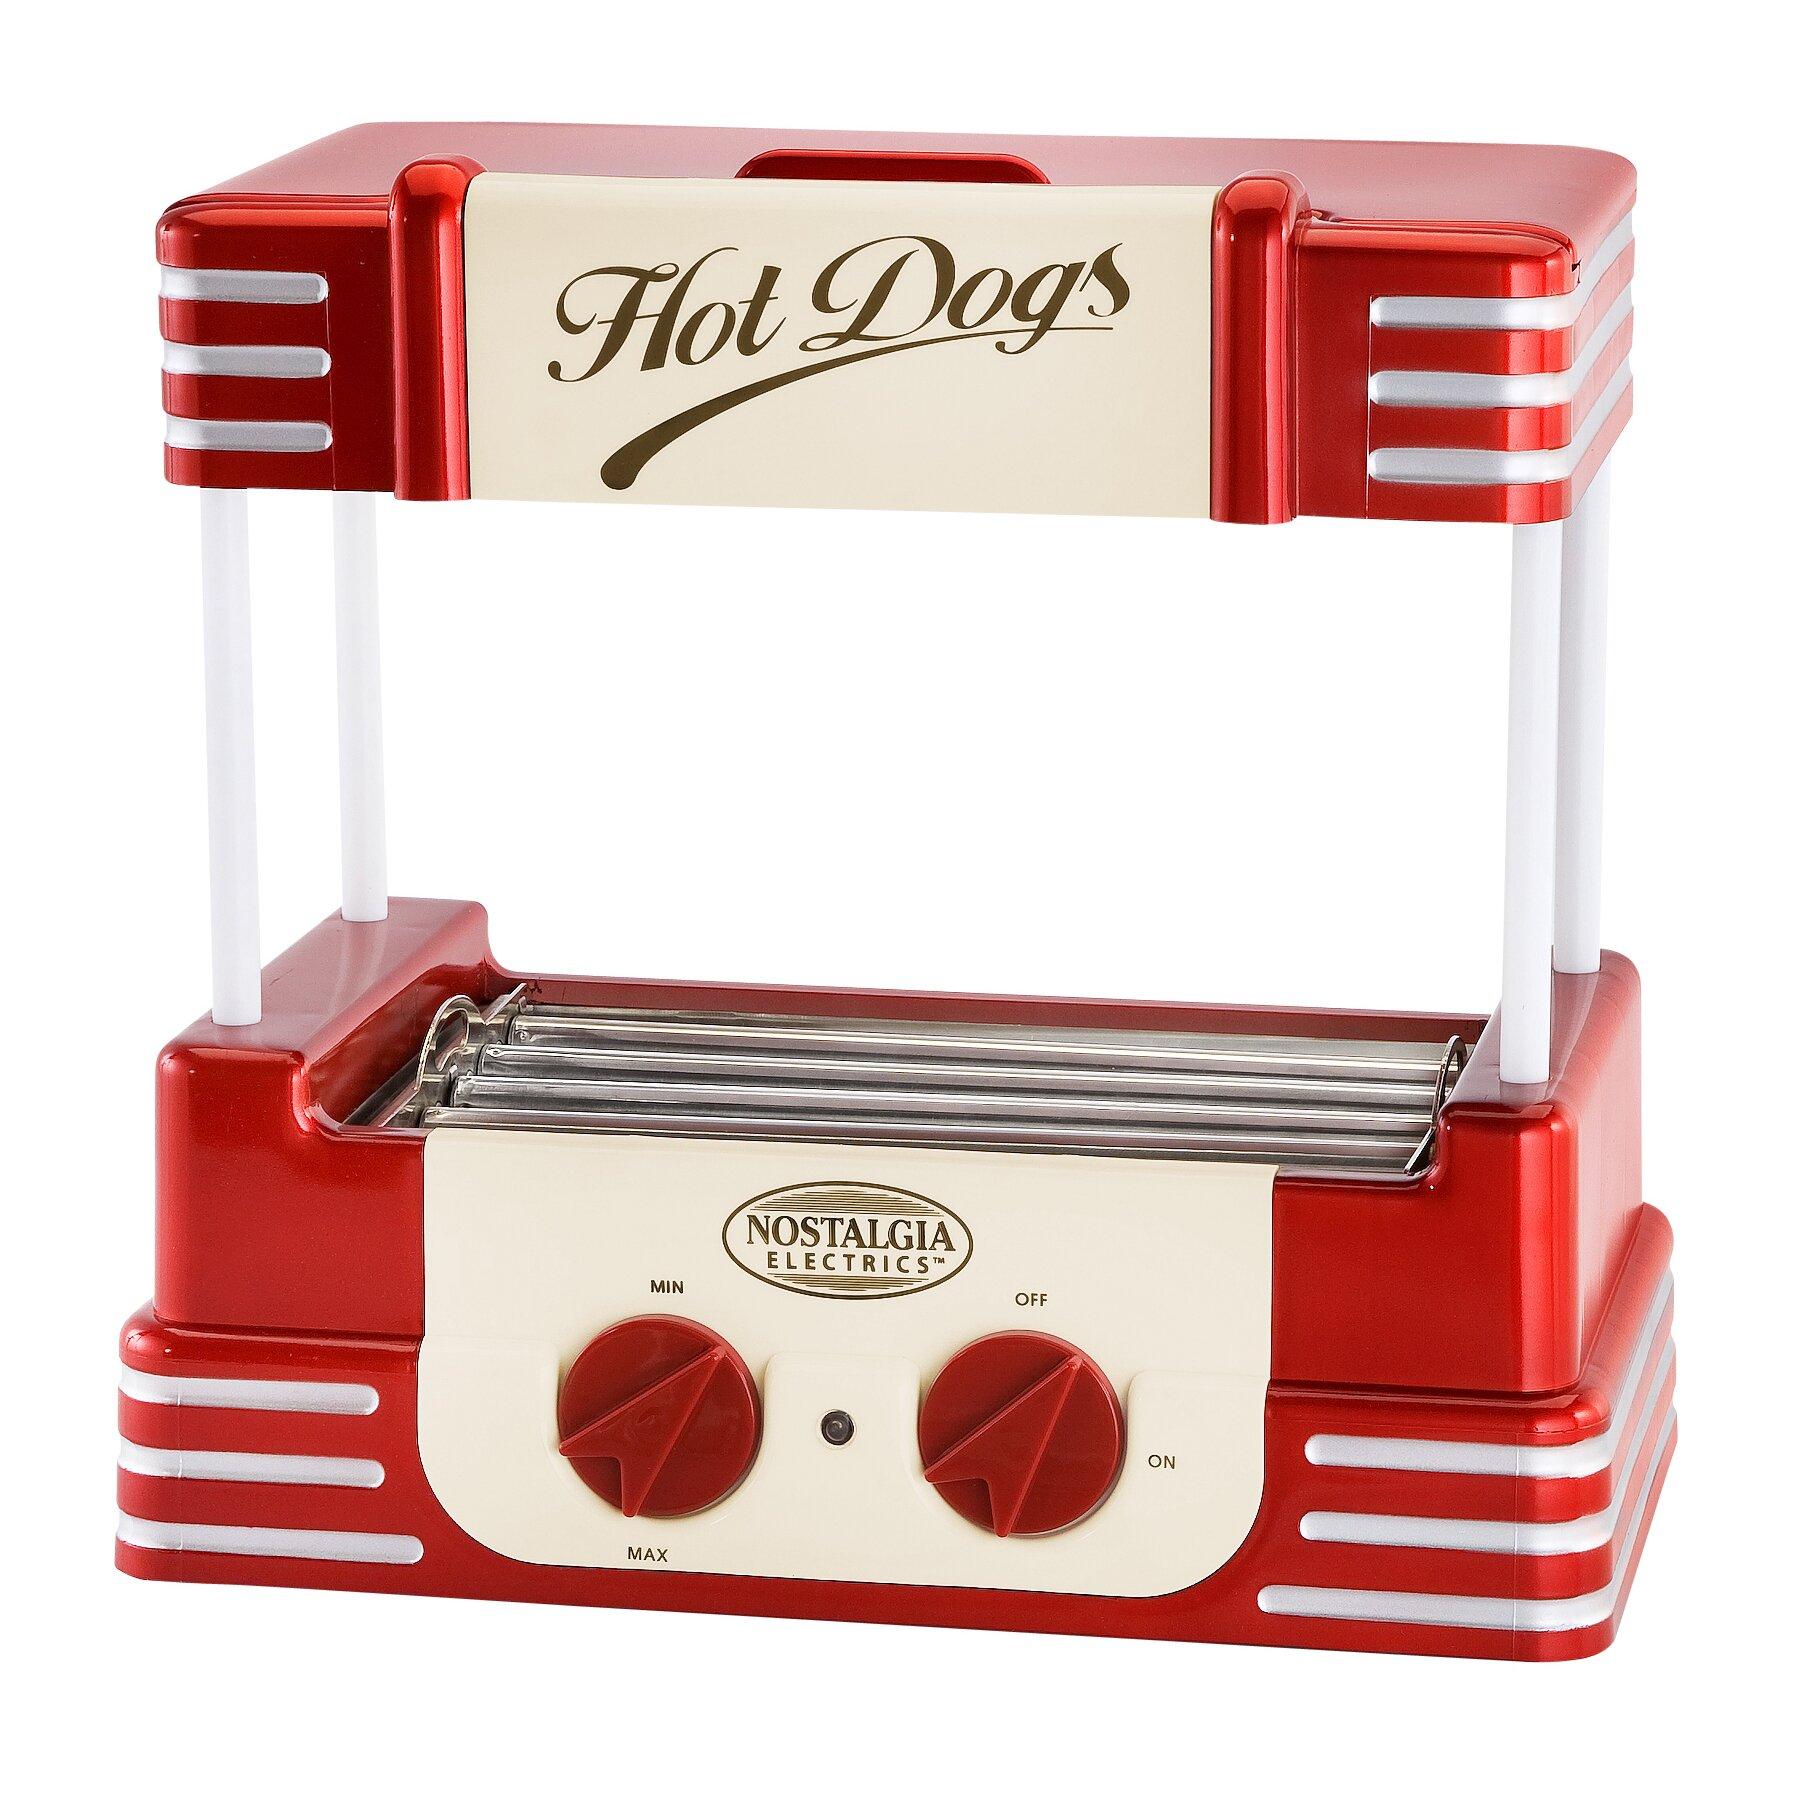 Nostalgia electrics retro hot dog roller reviews wayfair - Electrodomesticos retro ...